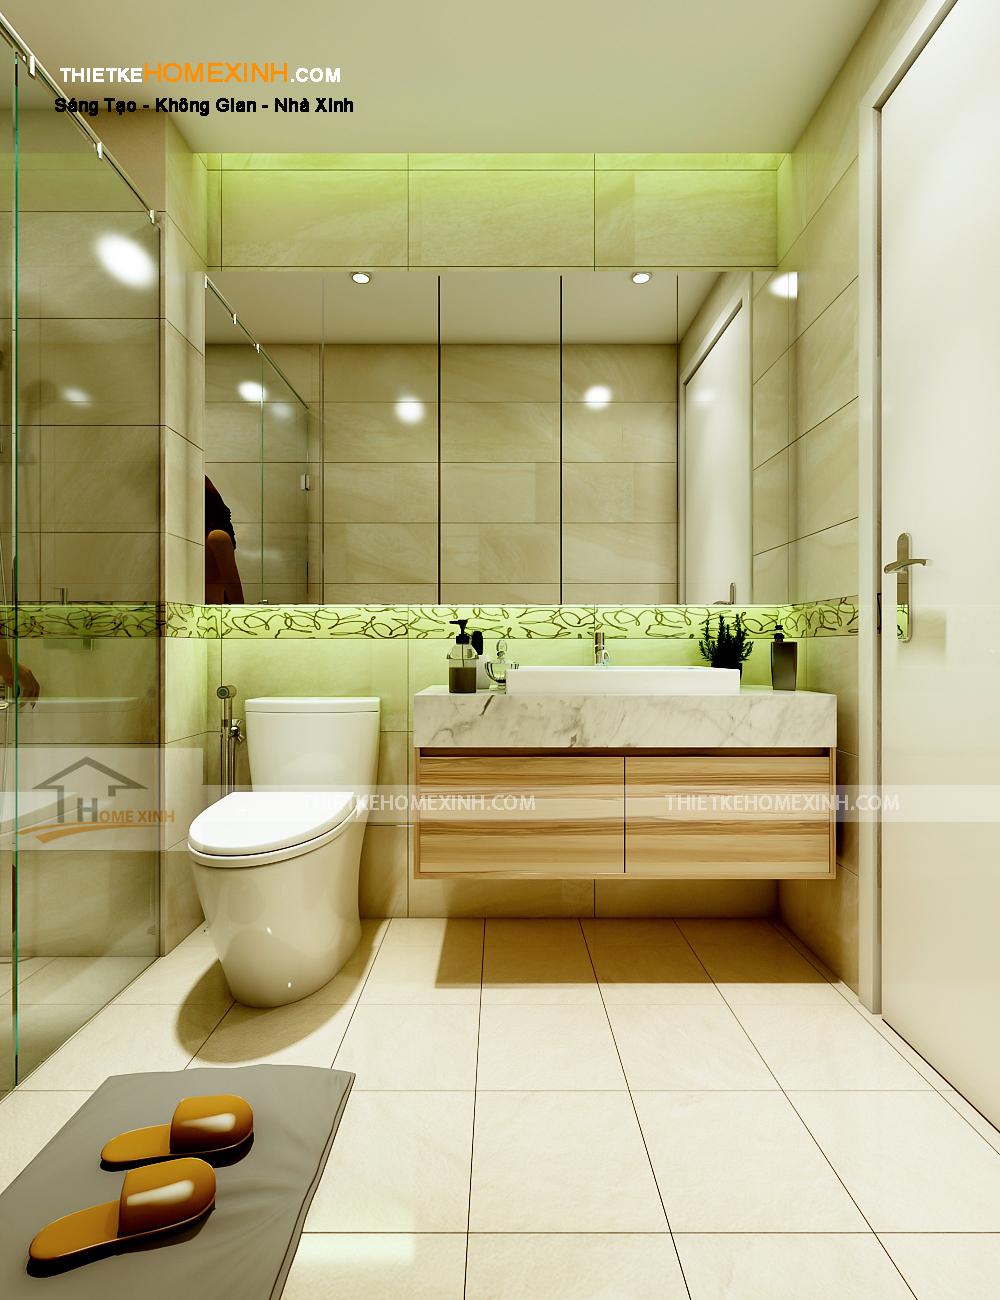 Phòng vệ sinh sạch sẽ